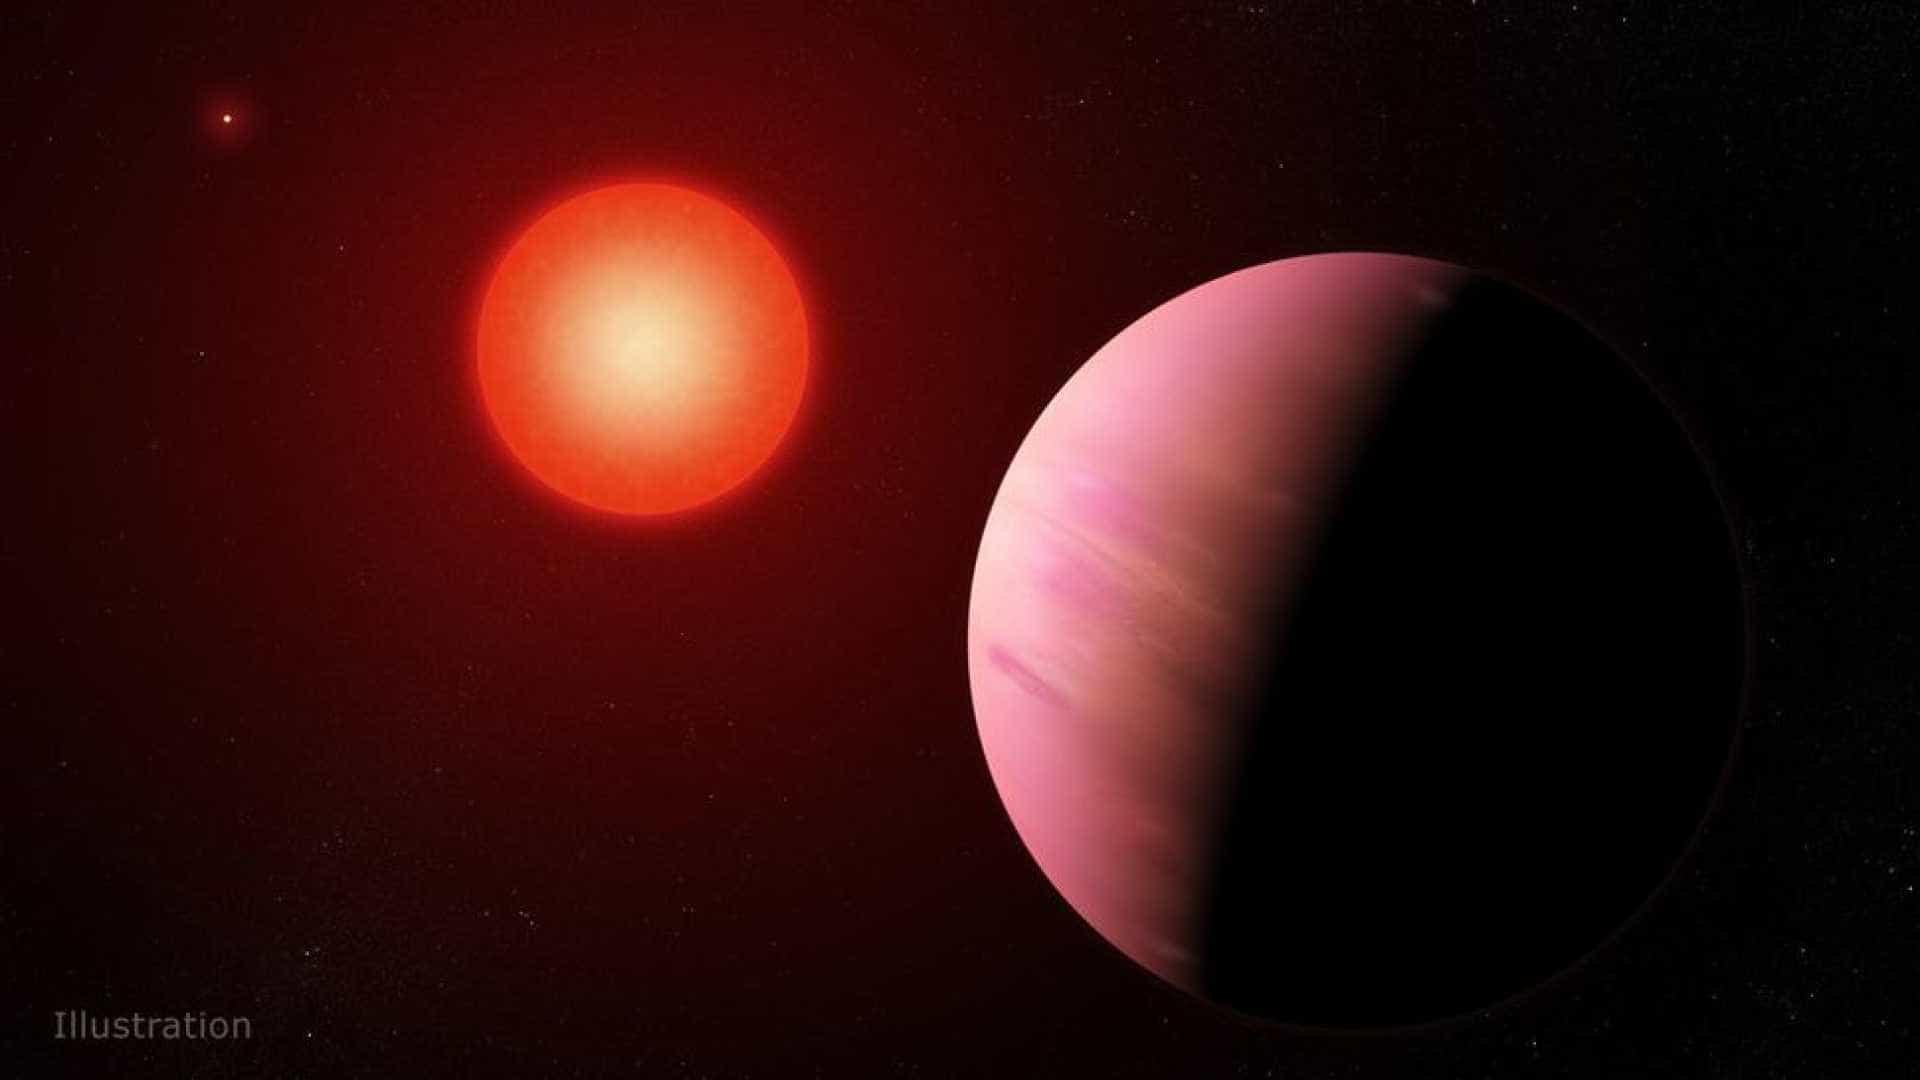 Cientistas descobriram um novo planeta que pode conter vida